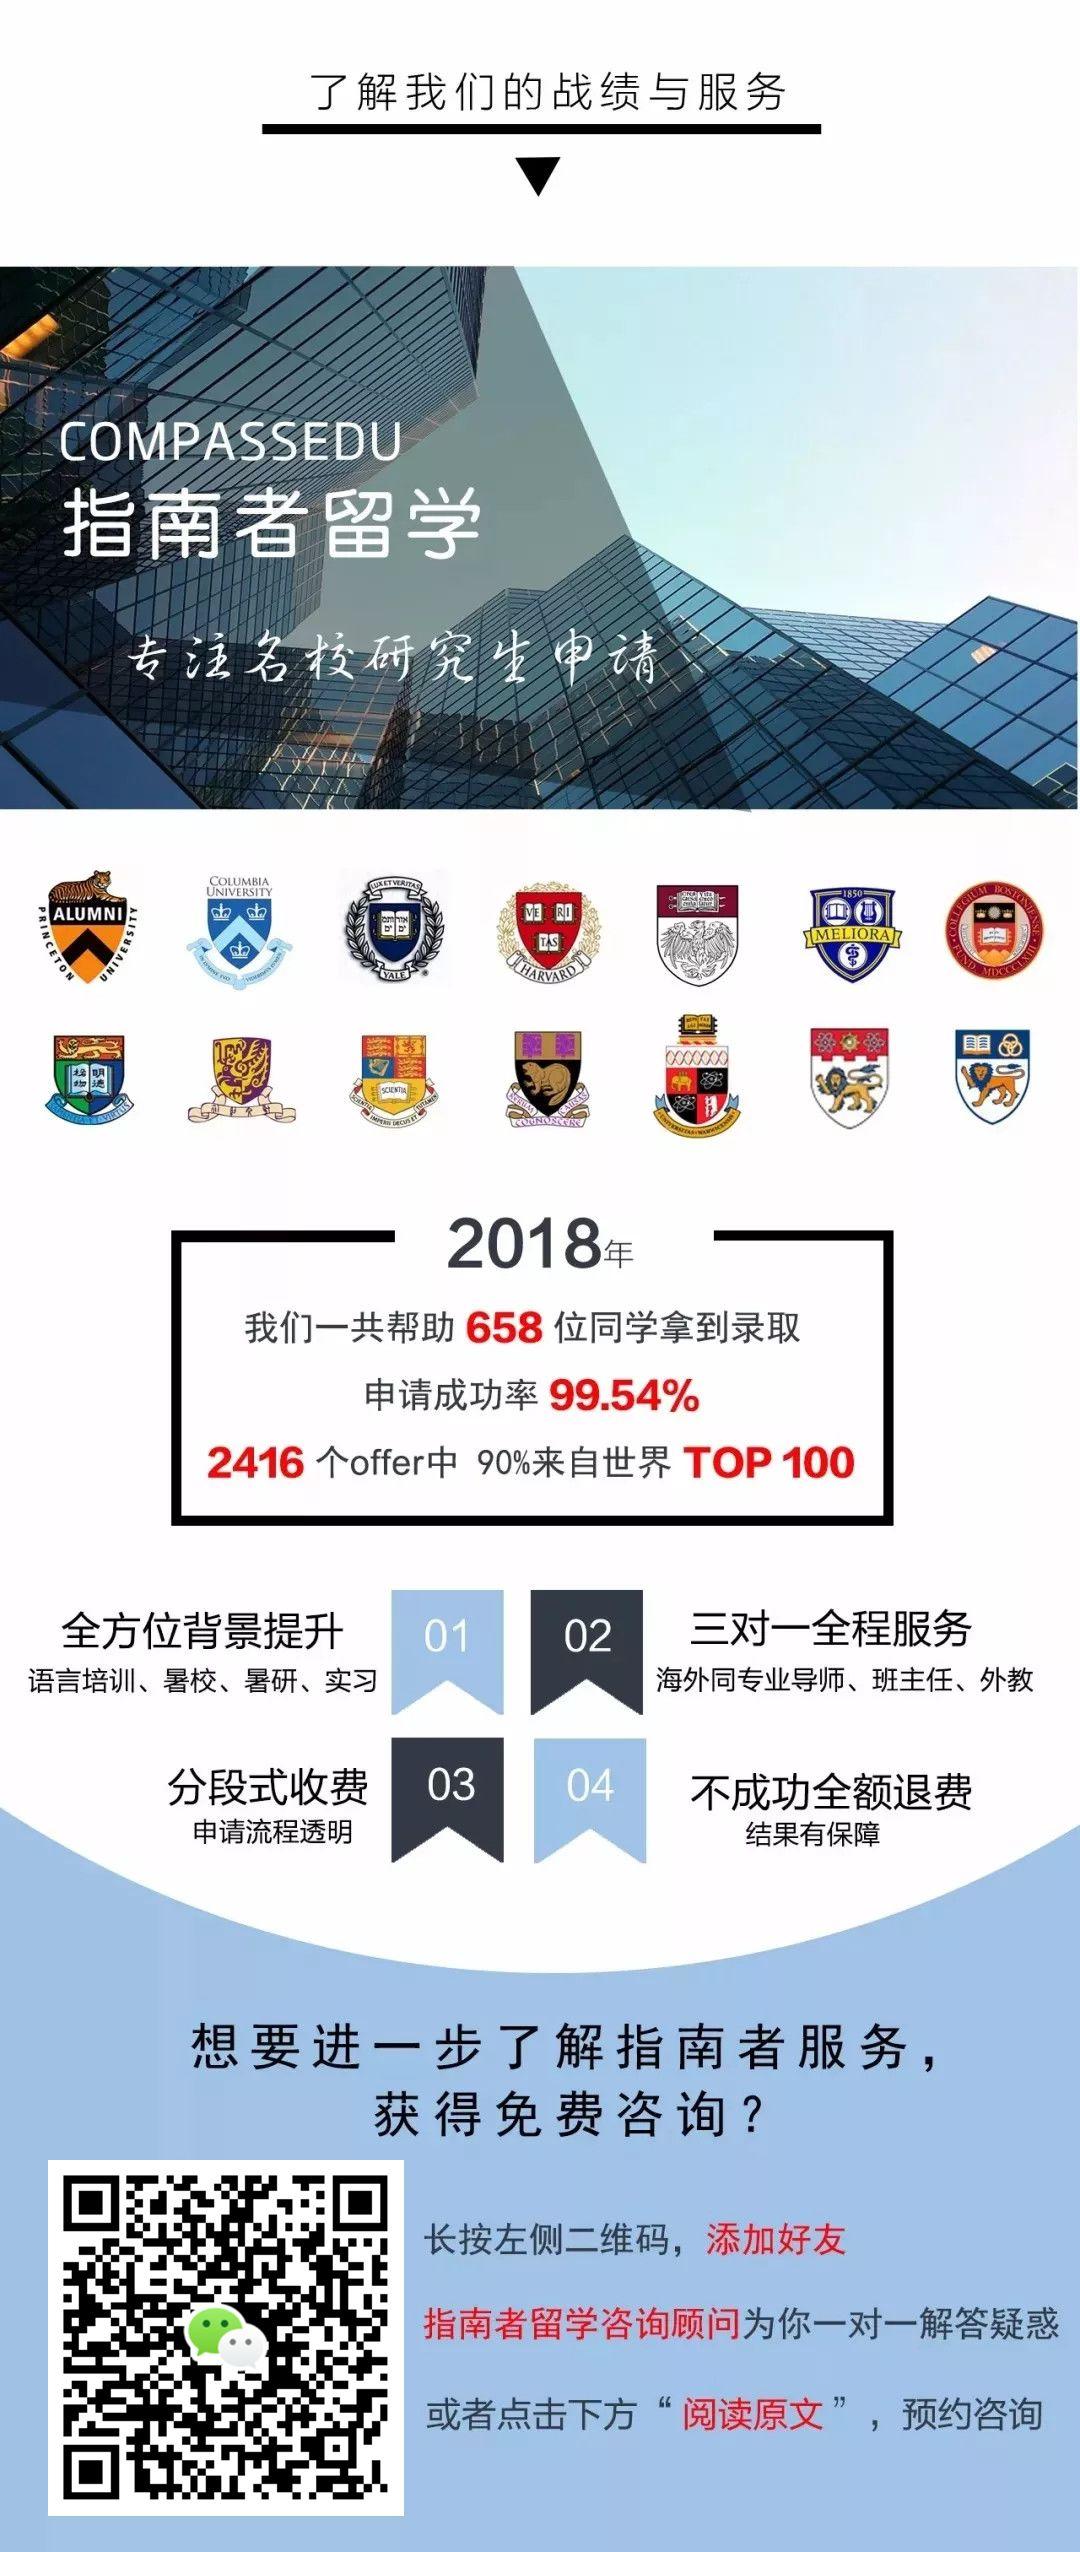 新加坡国立大学「经济学」硕士研究生offer来了!